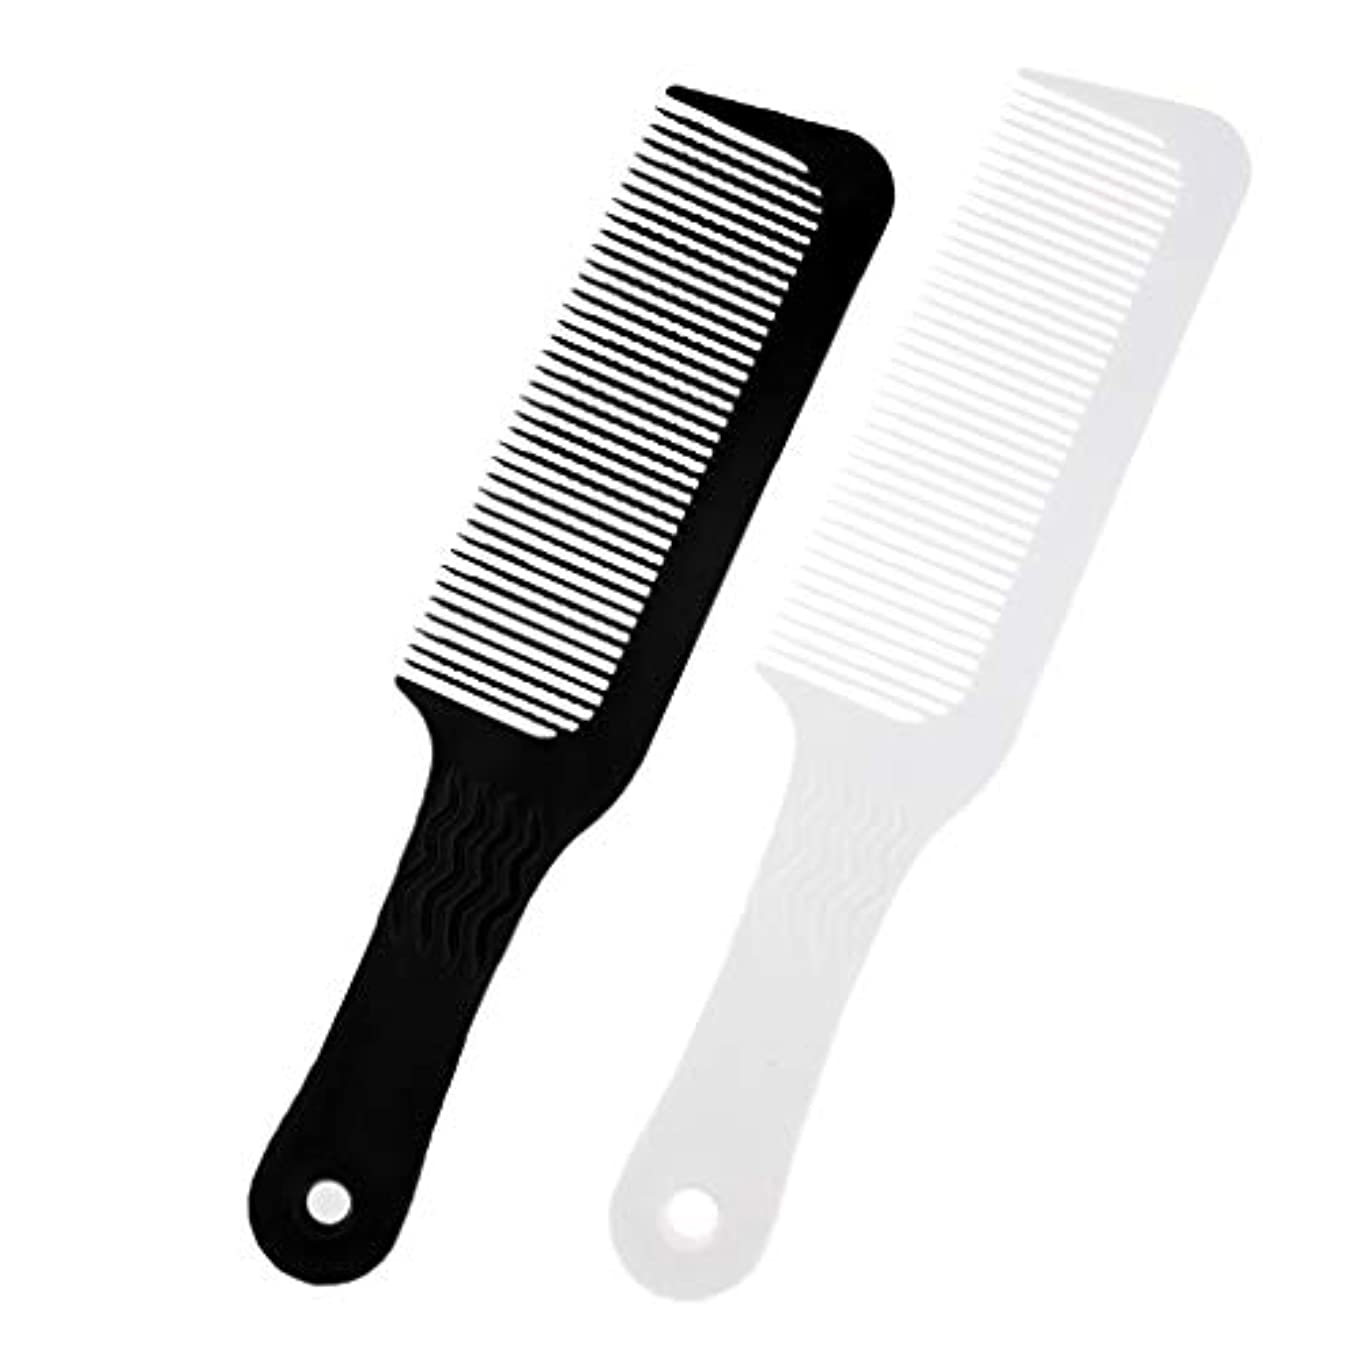 明らかにする含めるパッチToygogo プロ3ピース理髪サロンフラットトップクリッパーくし美容師スタイリング切削デタングルブラシツール